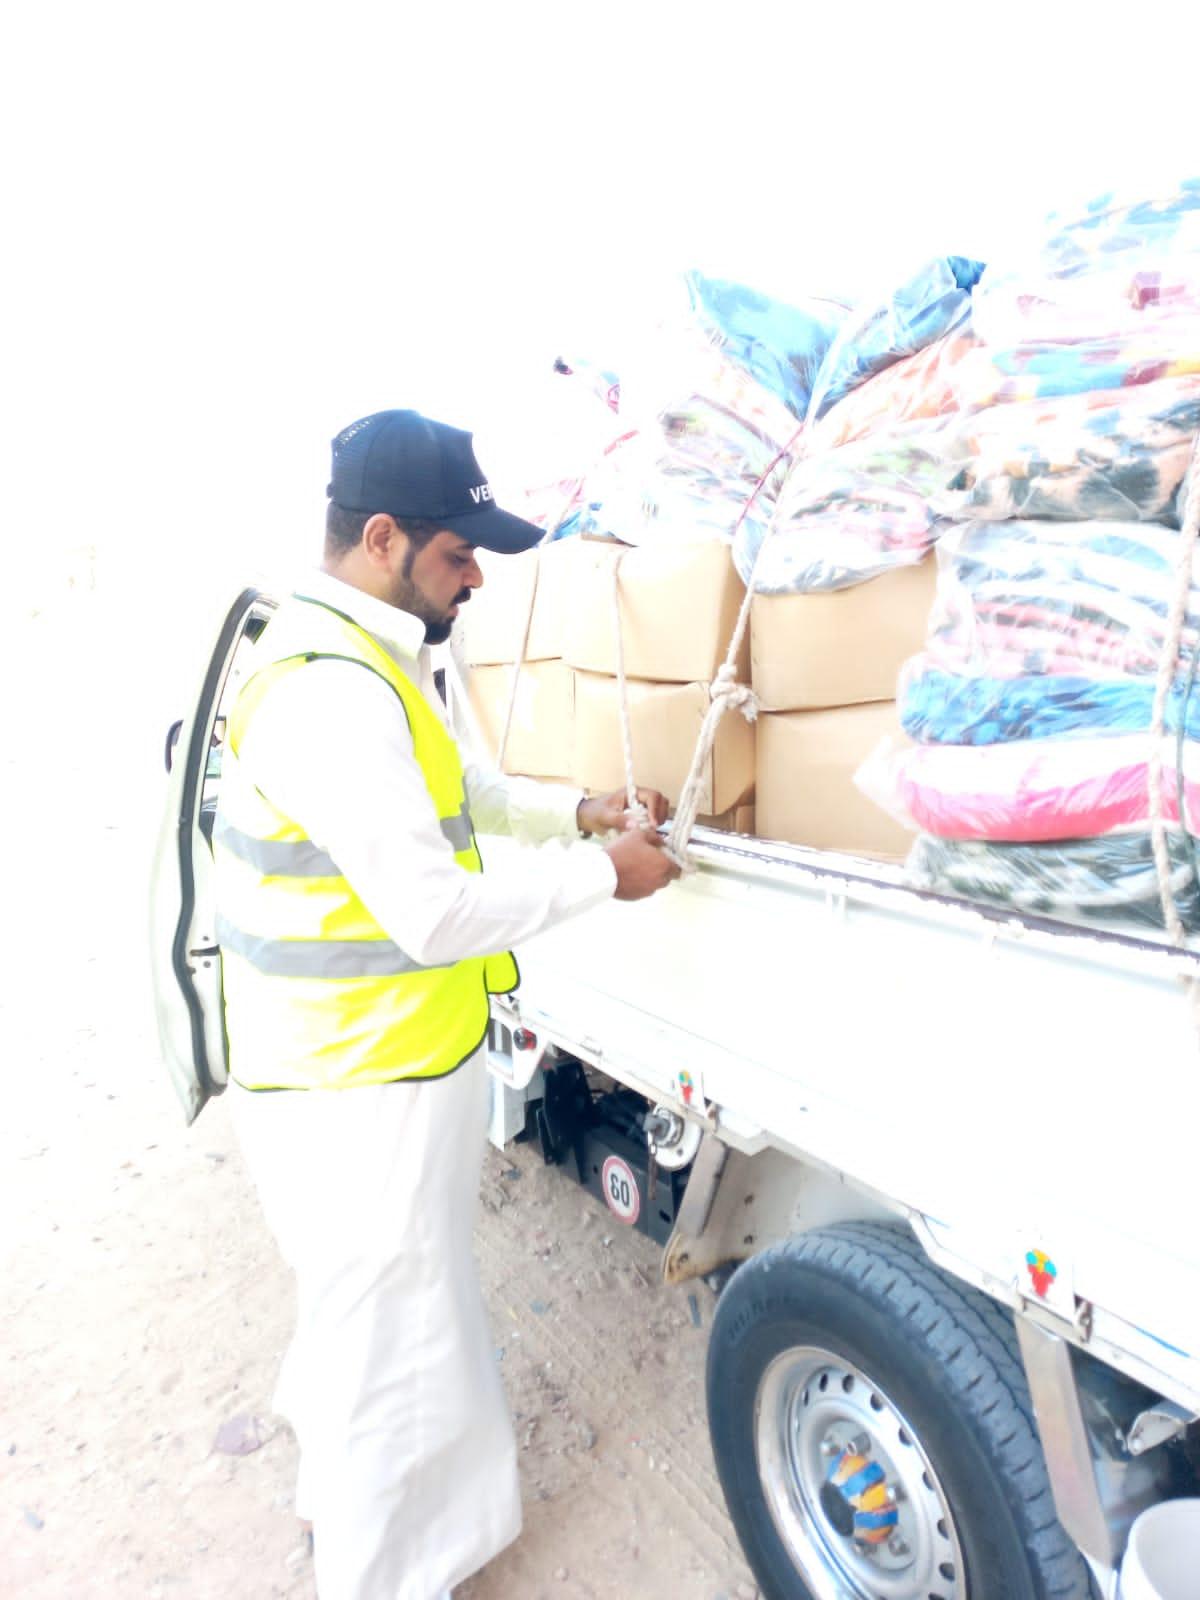 مستقبل وطن يشارك في المساعدات الإنسانية بجنوب سيناء (2)